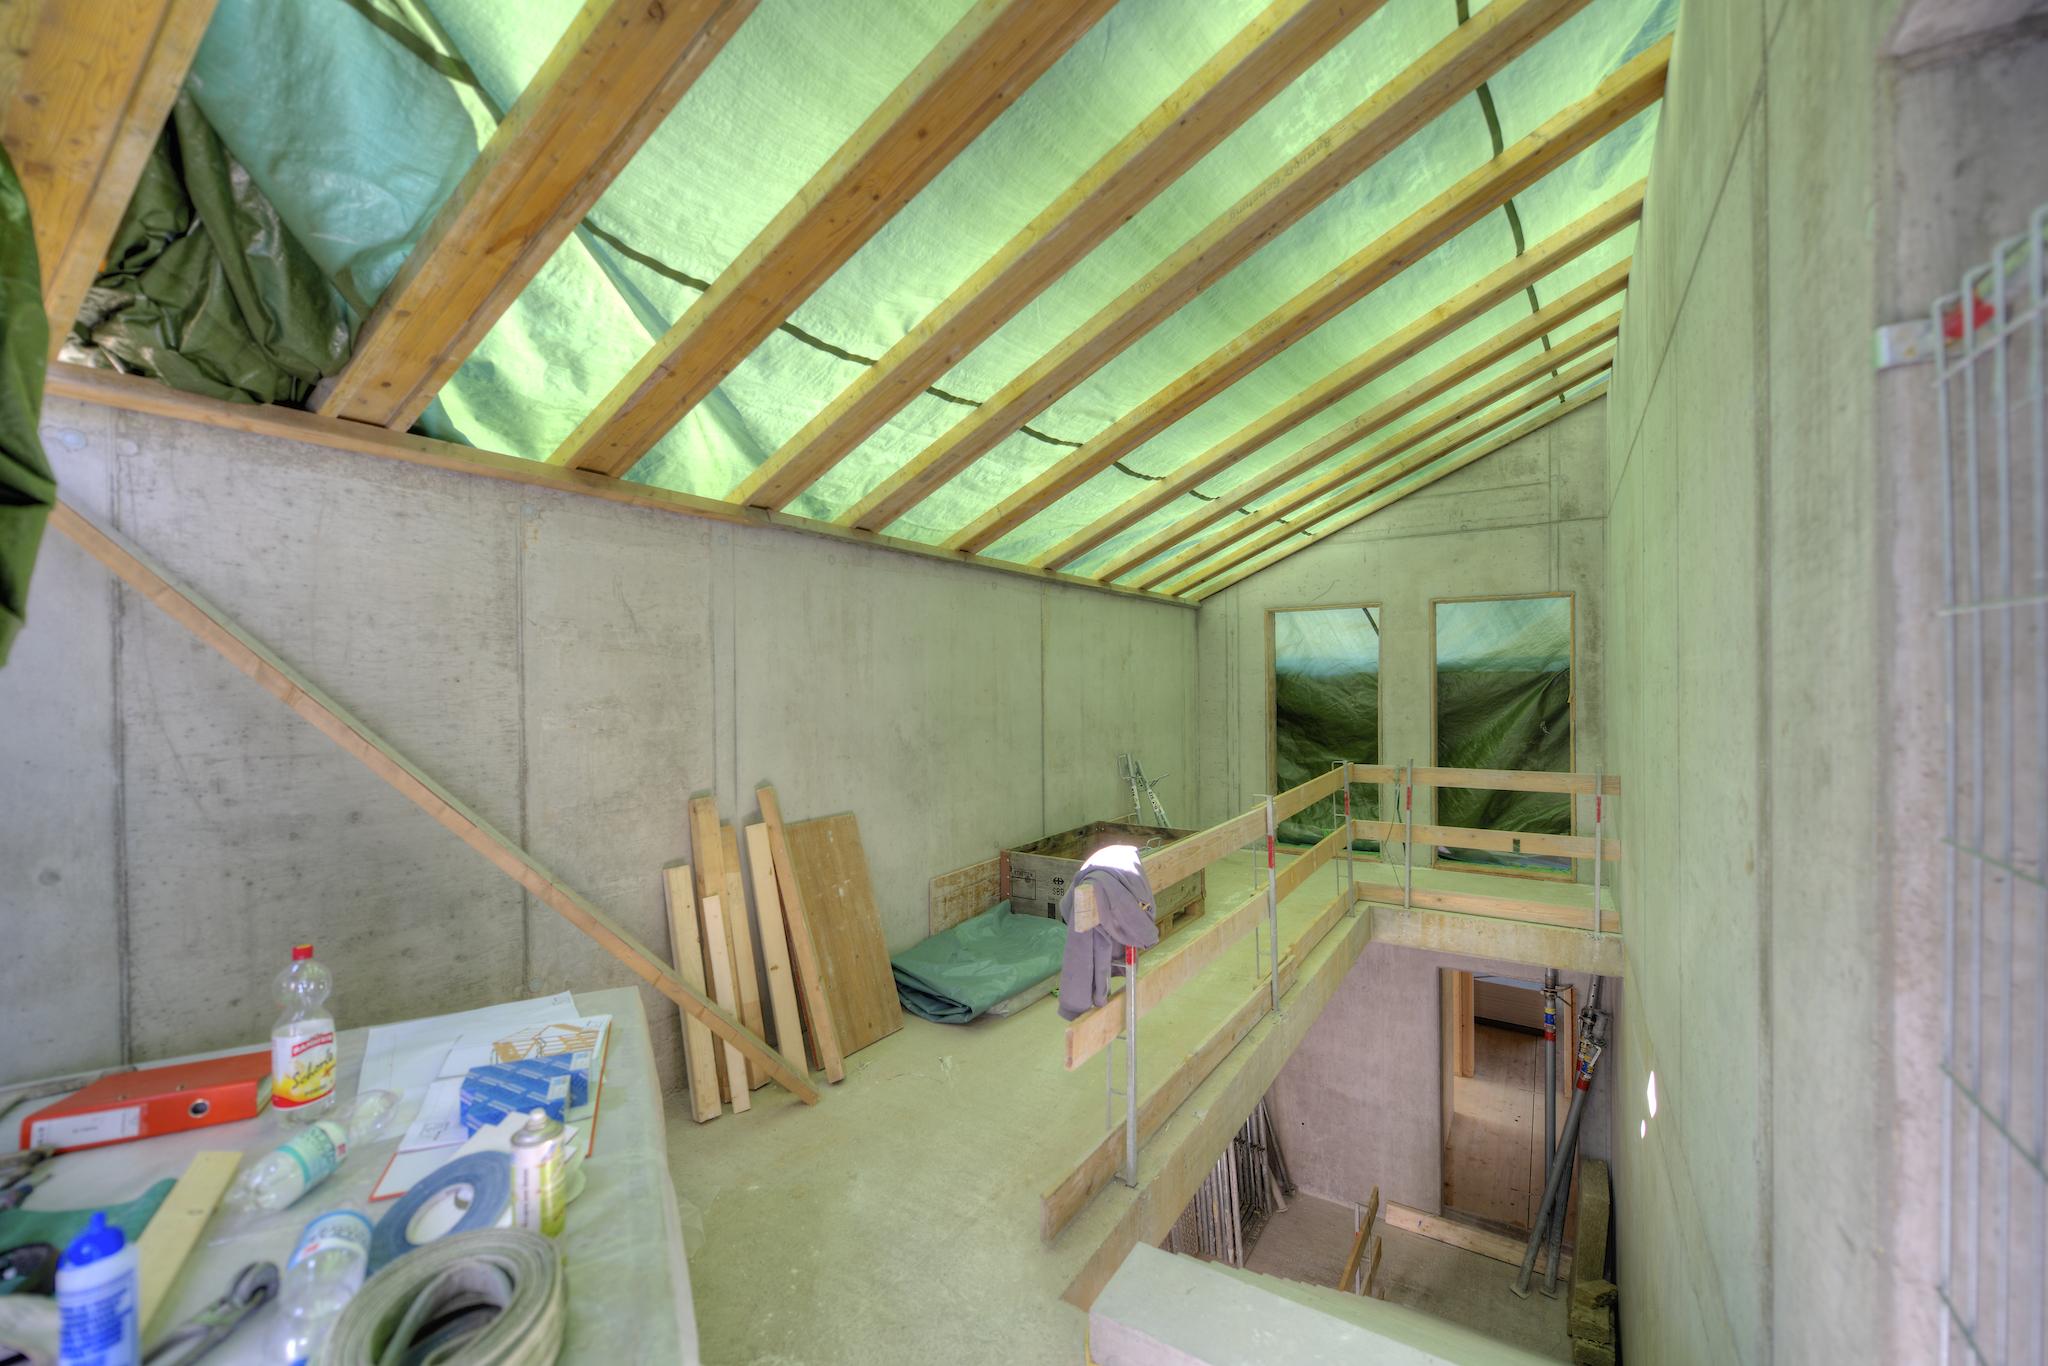 Treppenhaus im Rohbau